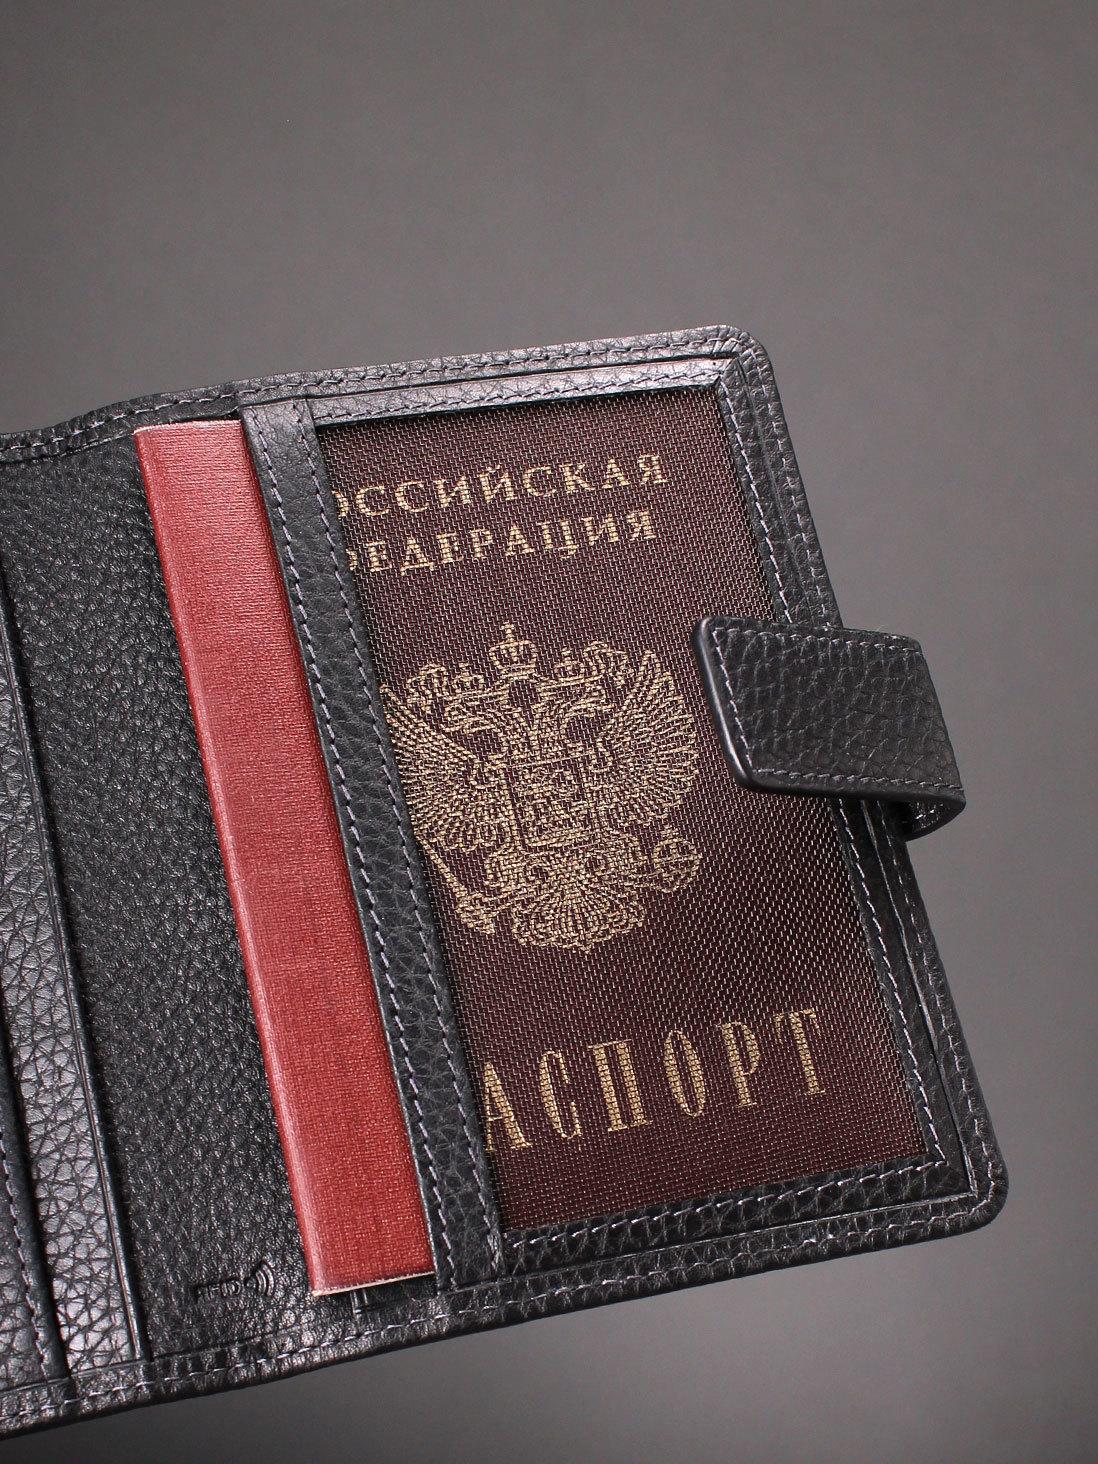 213 R - Обложка для документов с RFID защитой